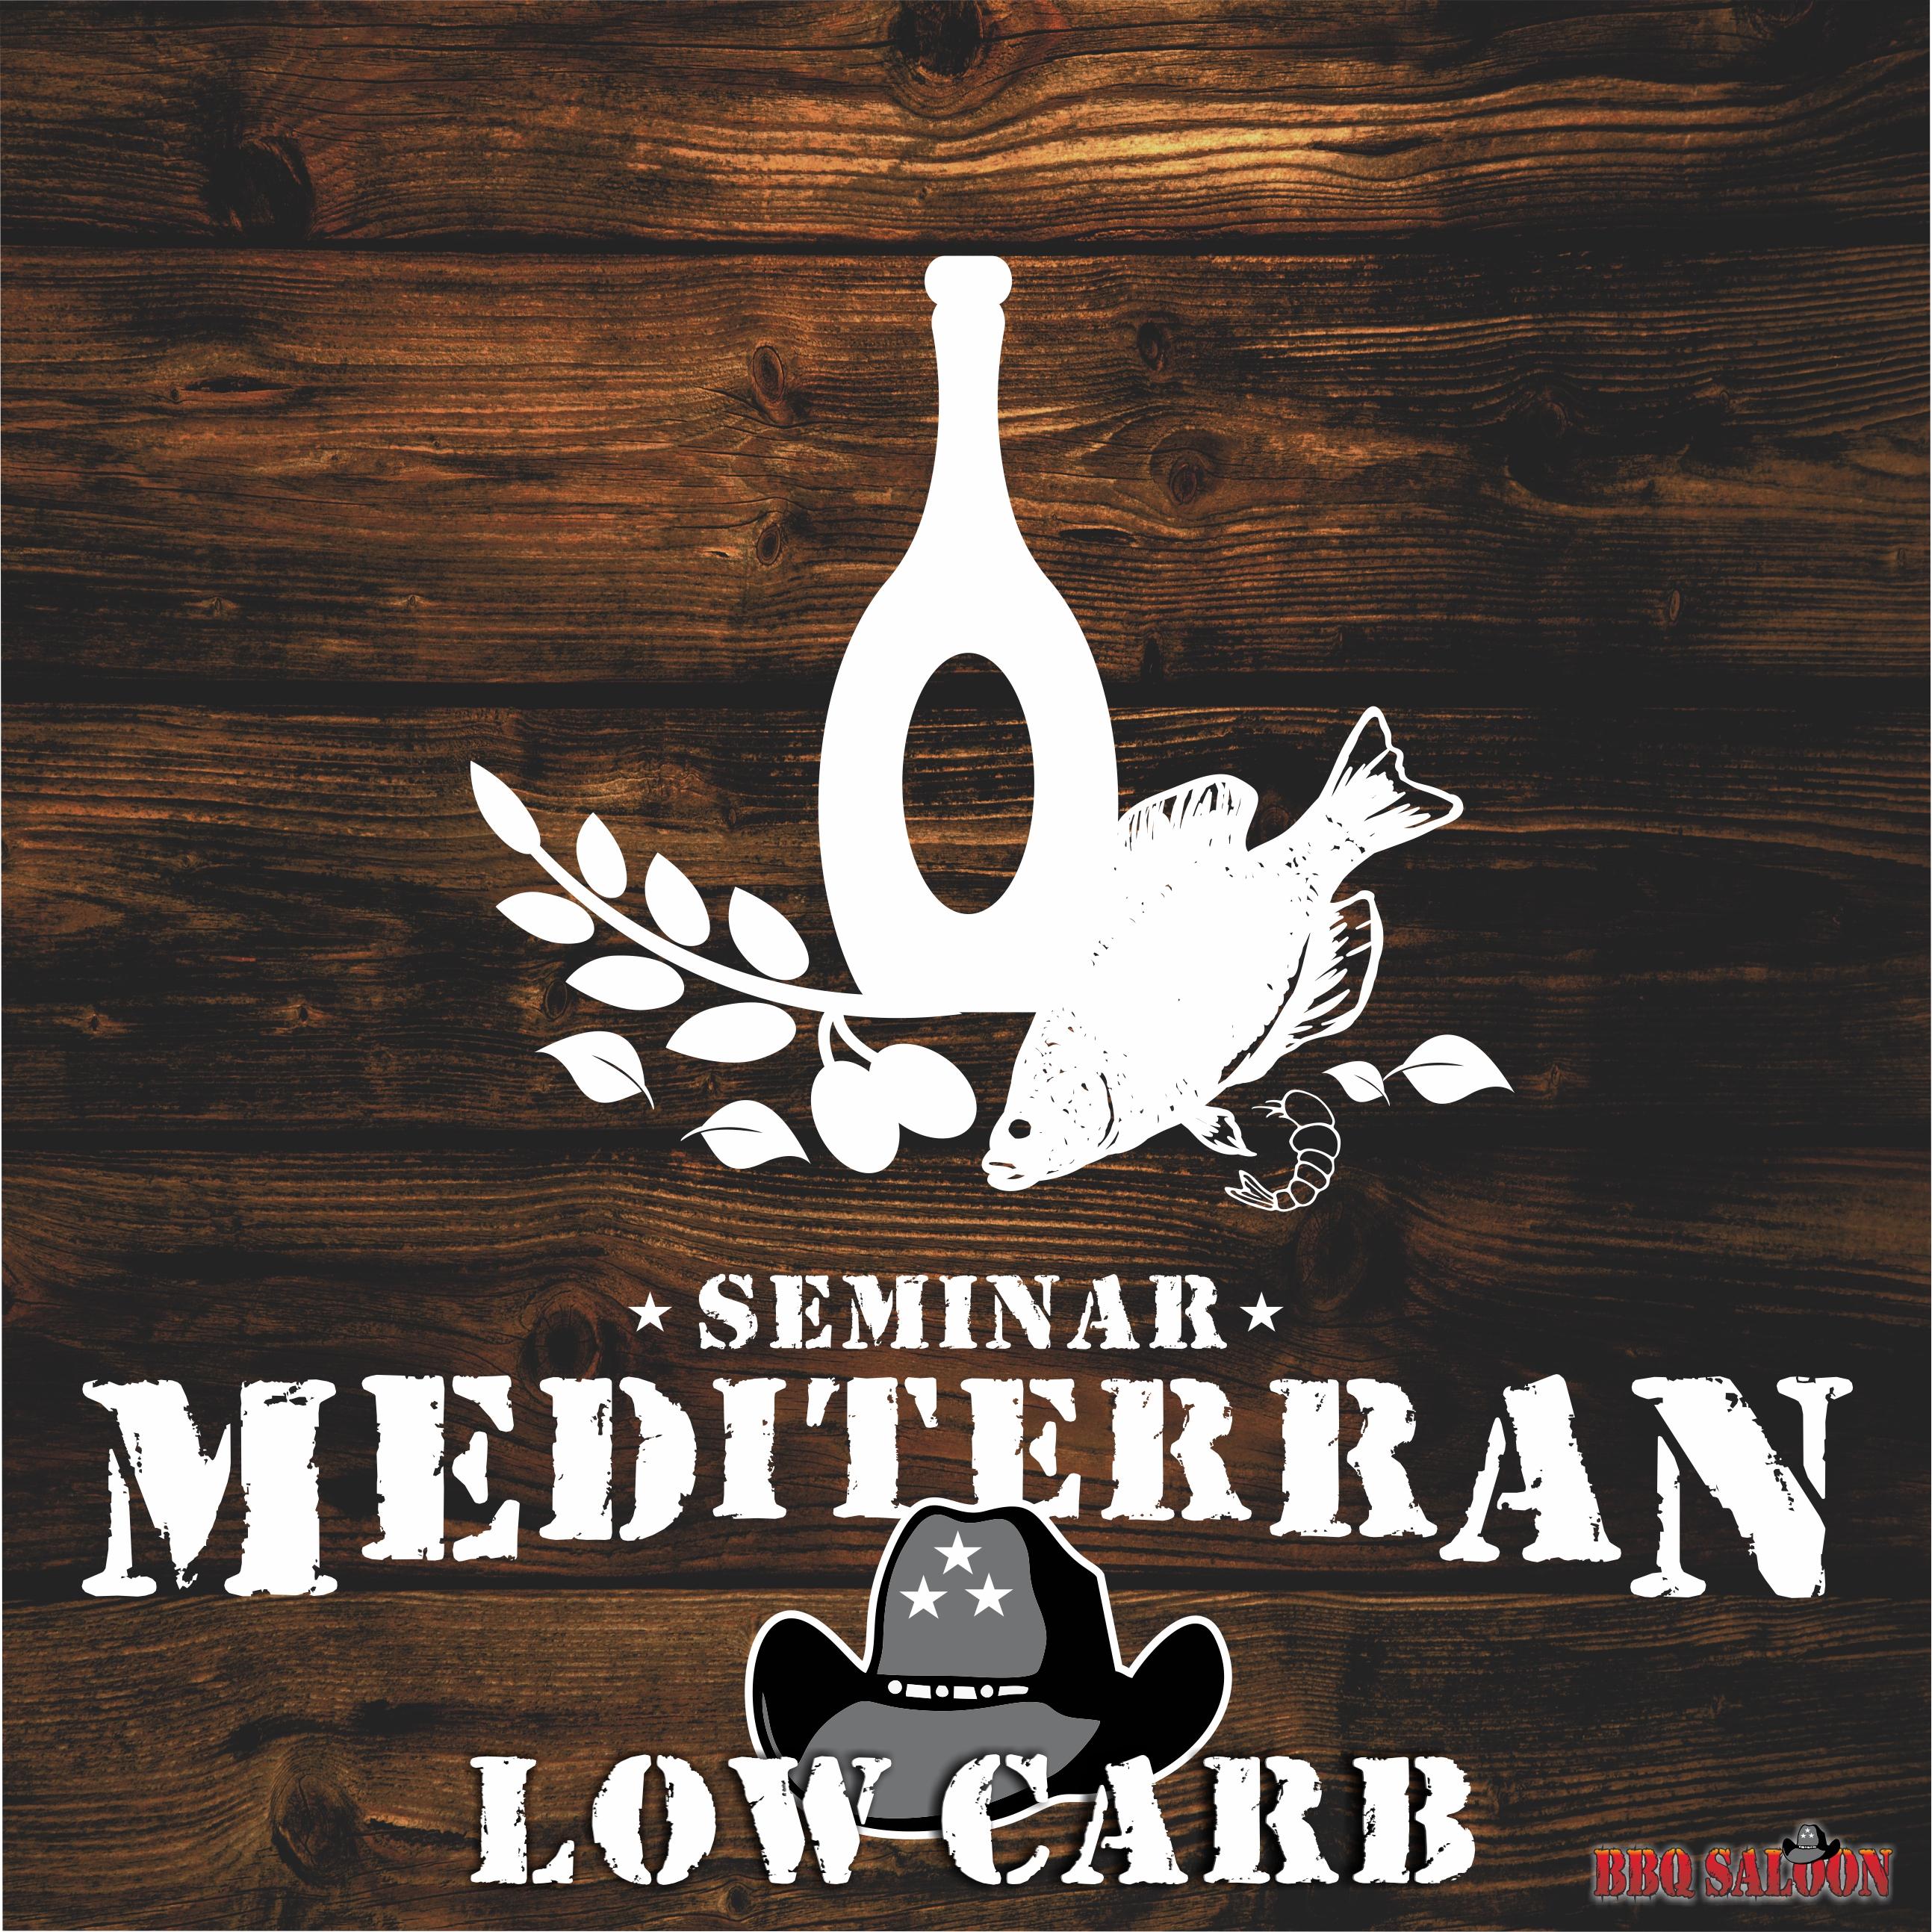 Themenseminar Mediterran Low Carb im BBQSaloon Minden